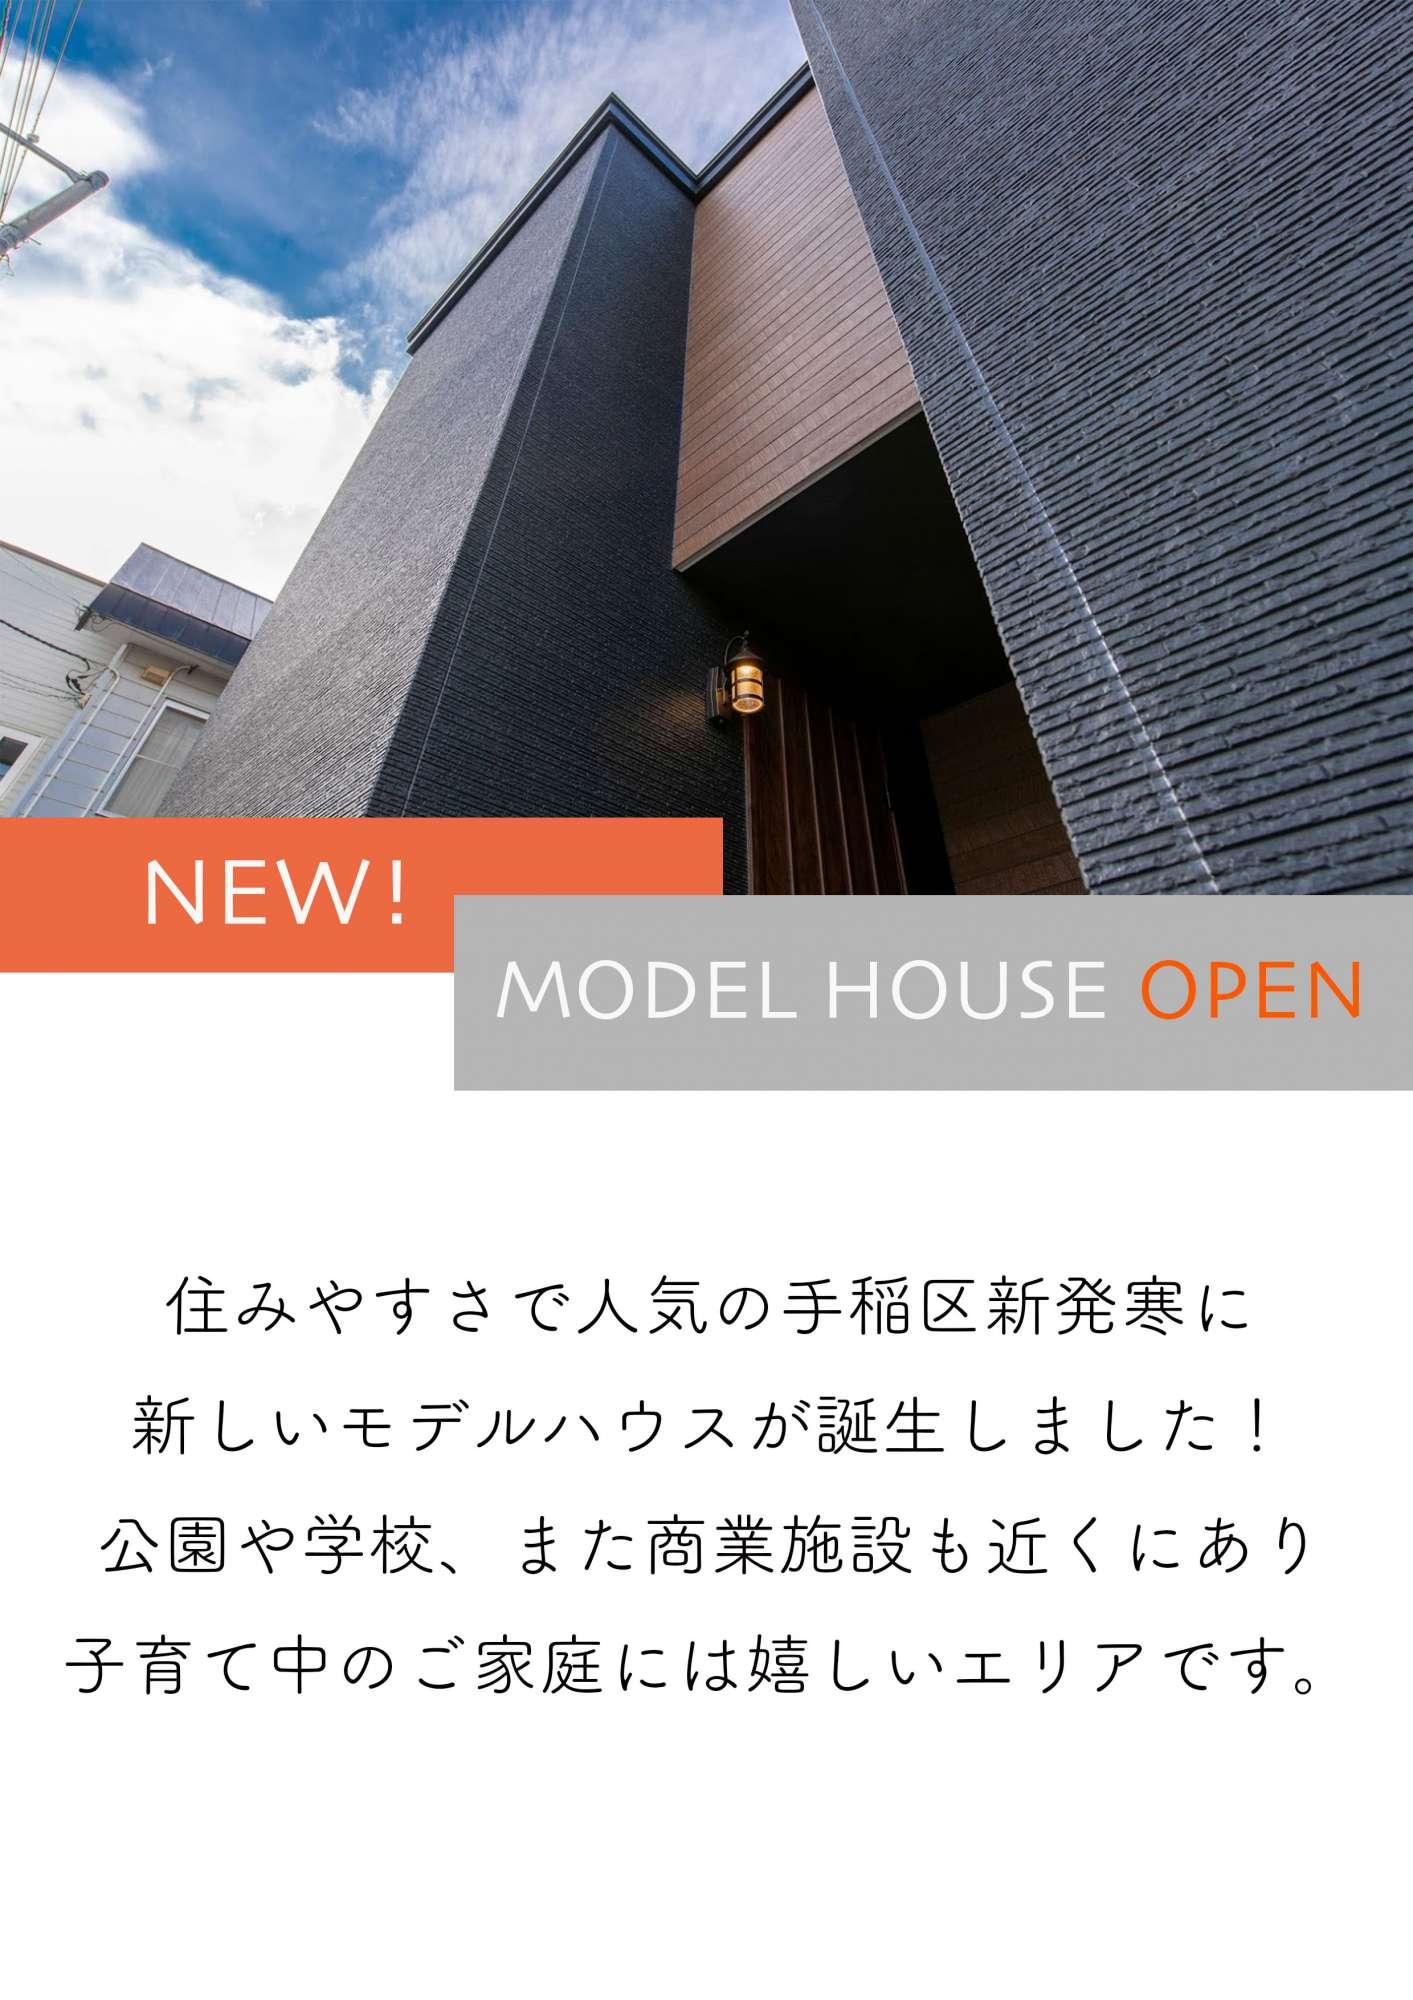 12月7日(土)8日(日)開催 モデルハウス見学会in手稲区新発寒 -